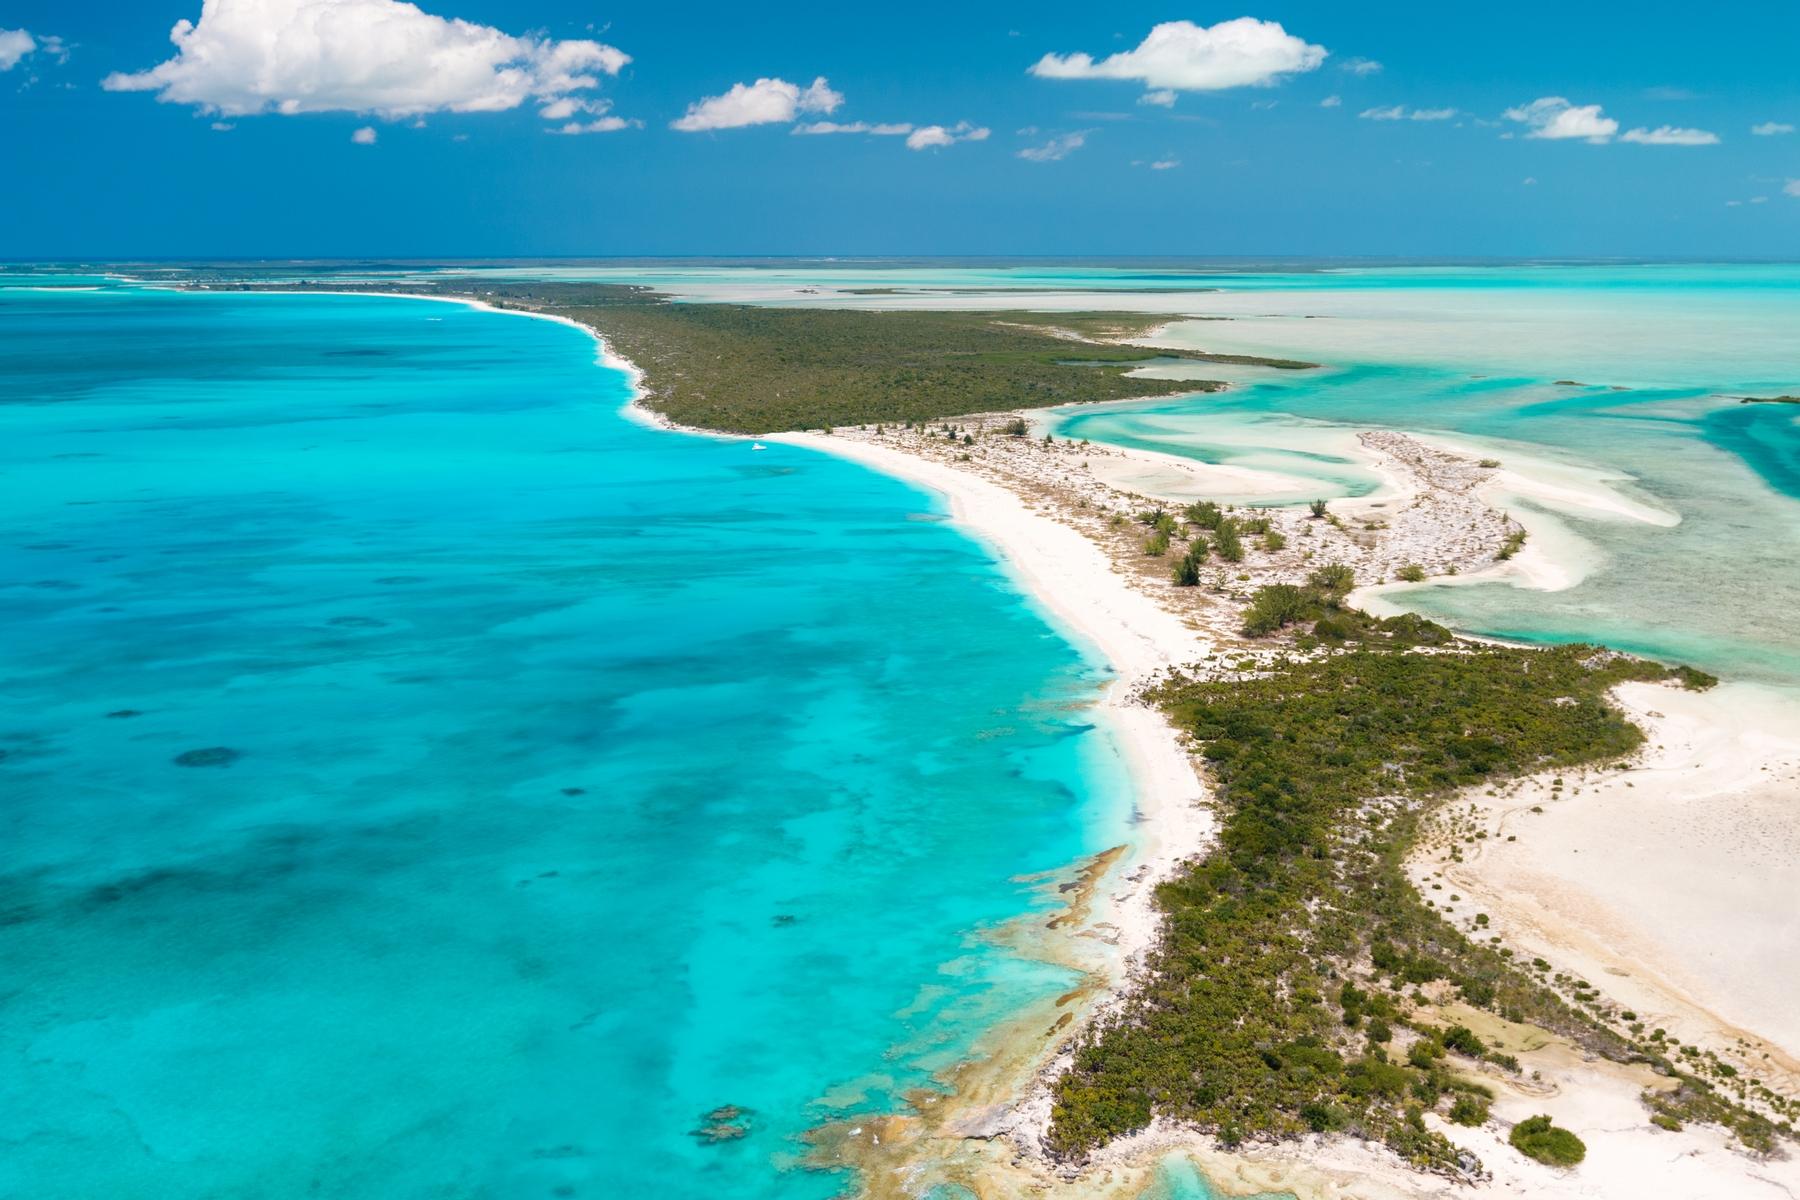 ile-de-Water-Cay-en-vente